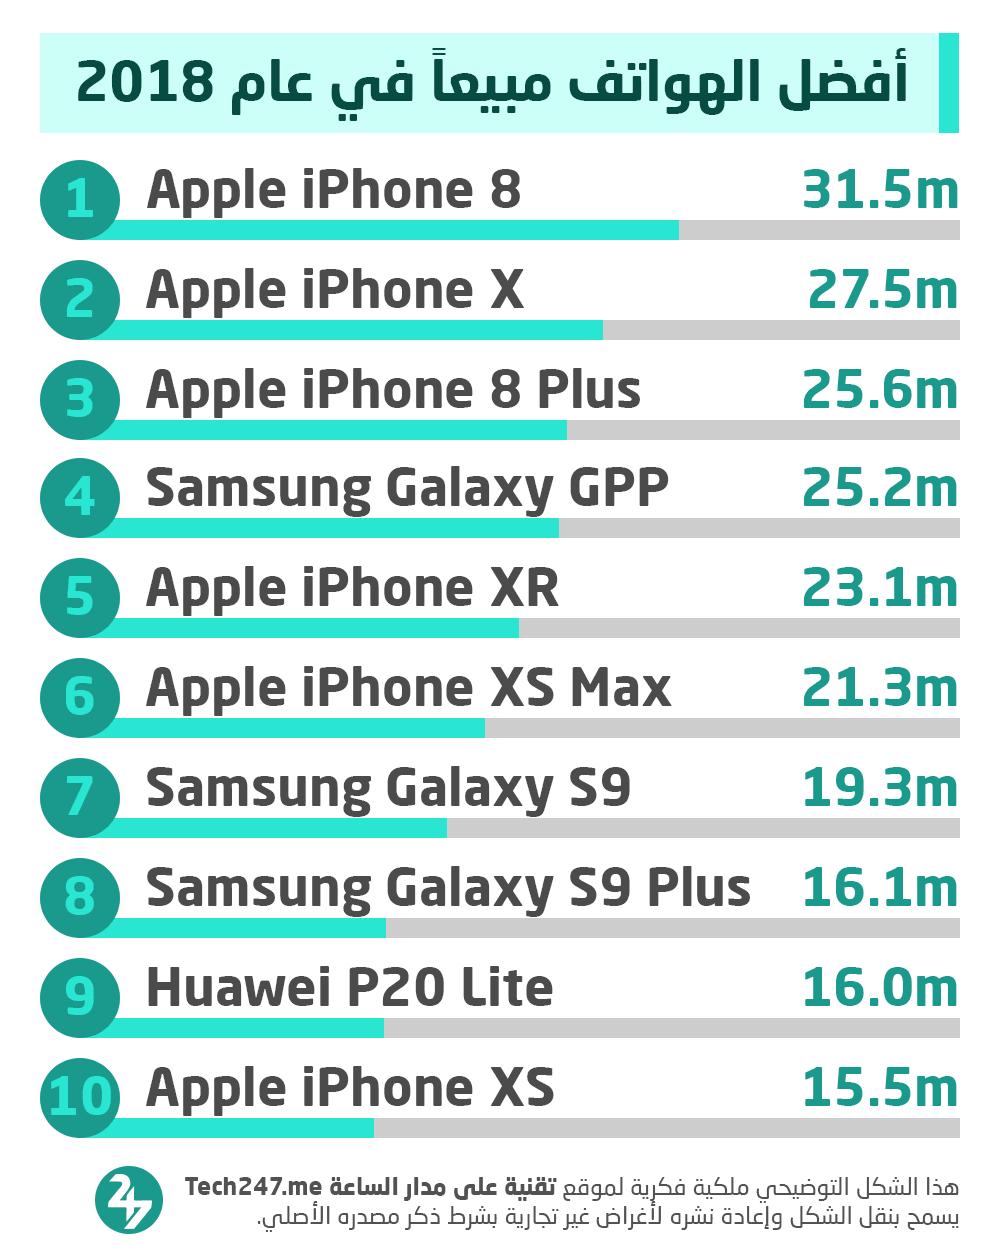 أفضل الهواتف مبيعاً في العالم خلال عام 2018